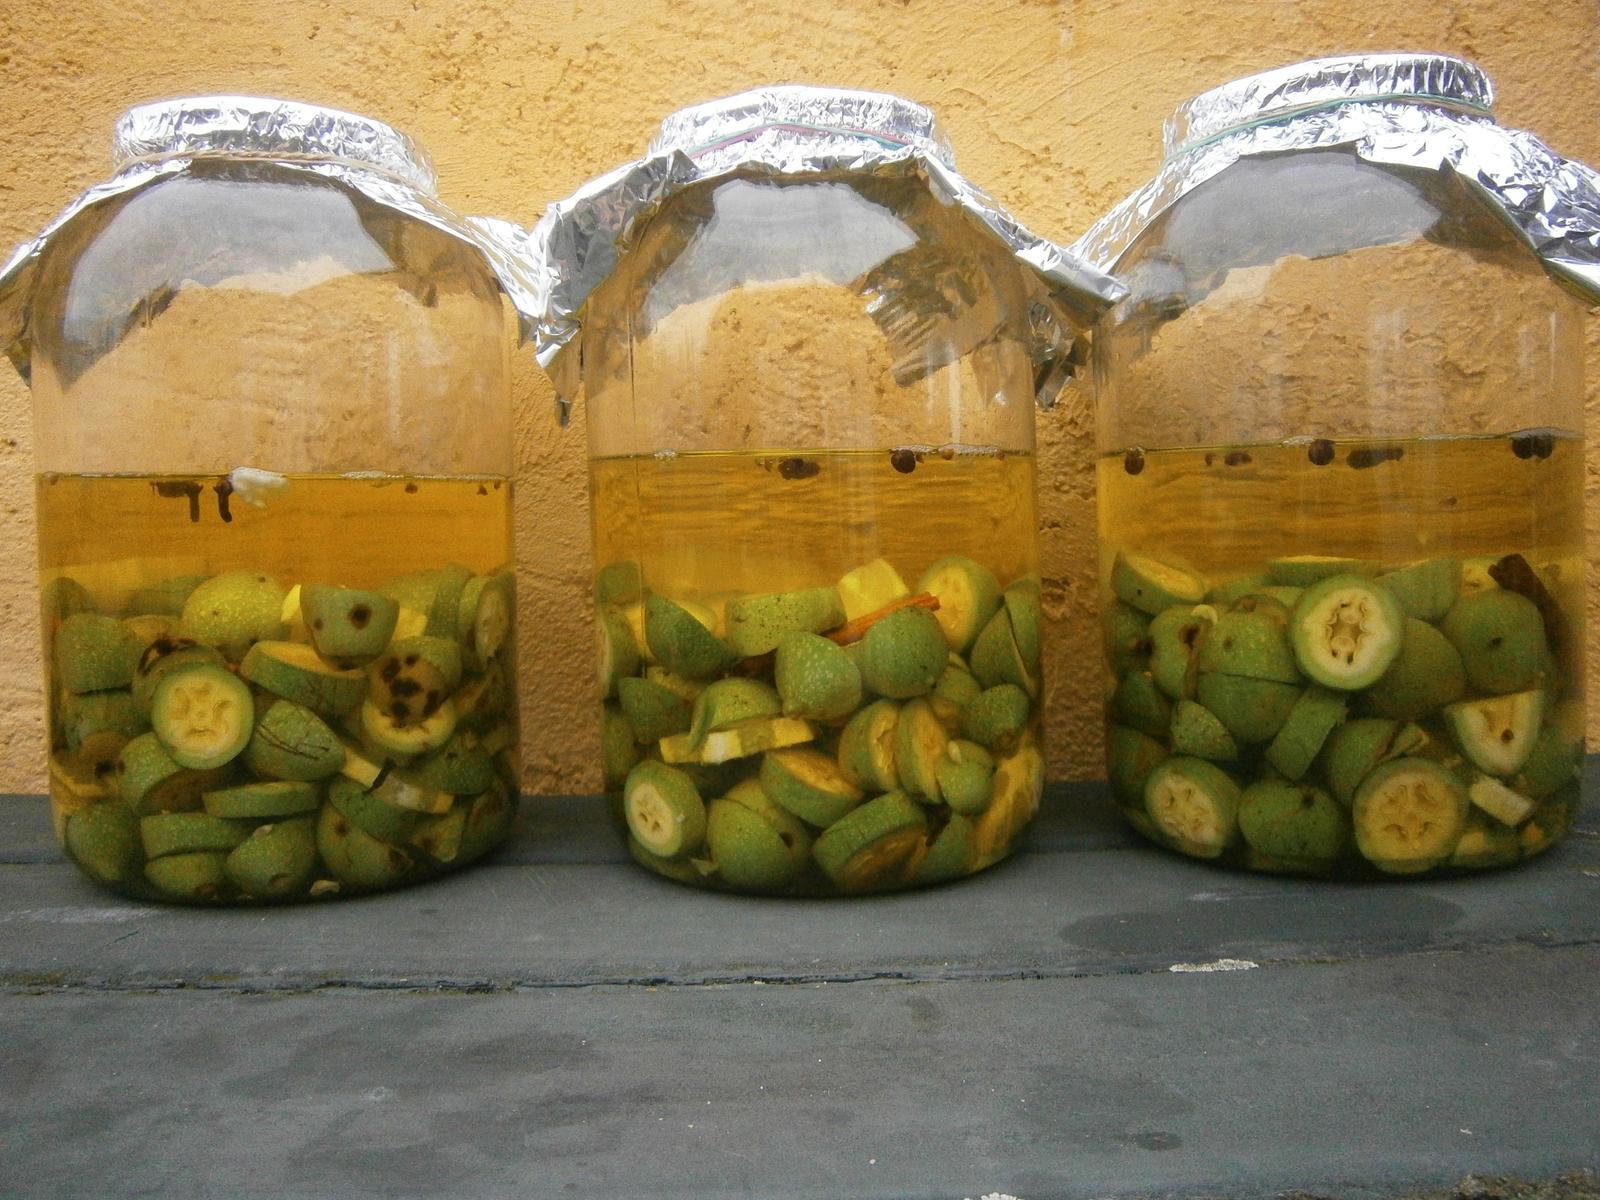 Hokus pokus v kuchyni - na sv. Jana jsem nasbírala ořechy a naložila je do čtyř litrů slivovice